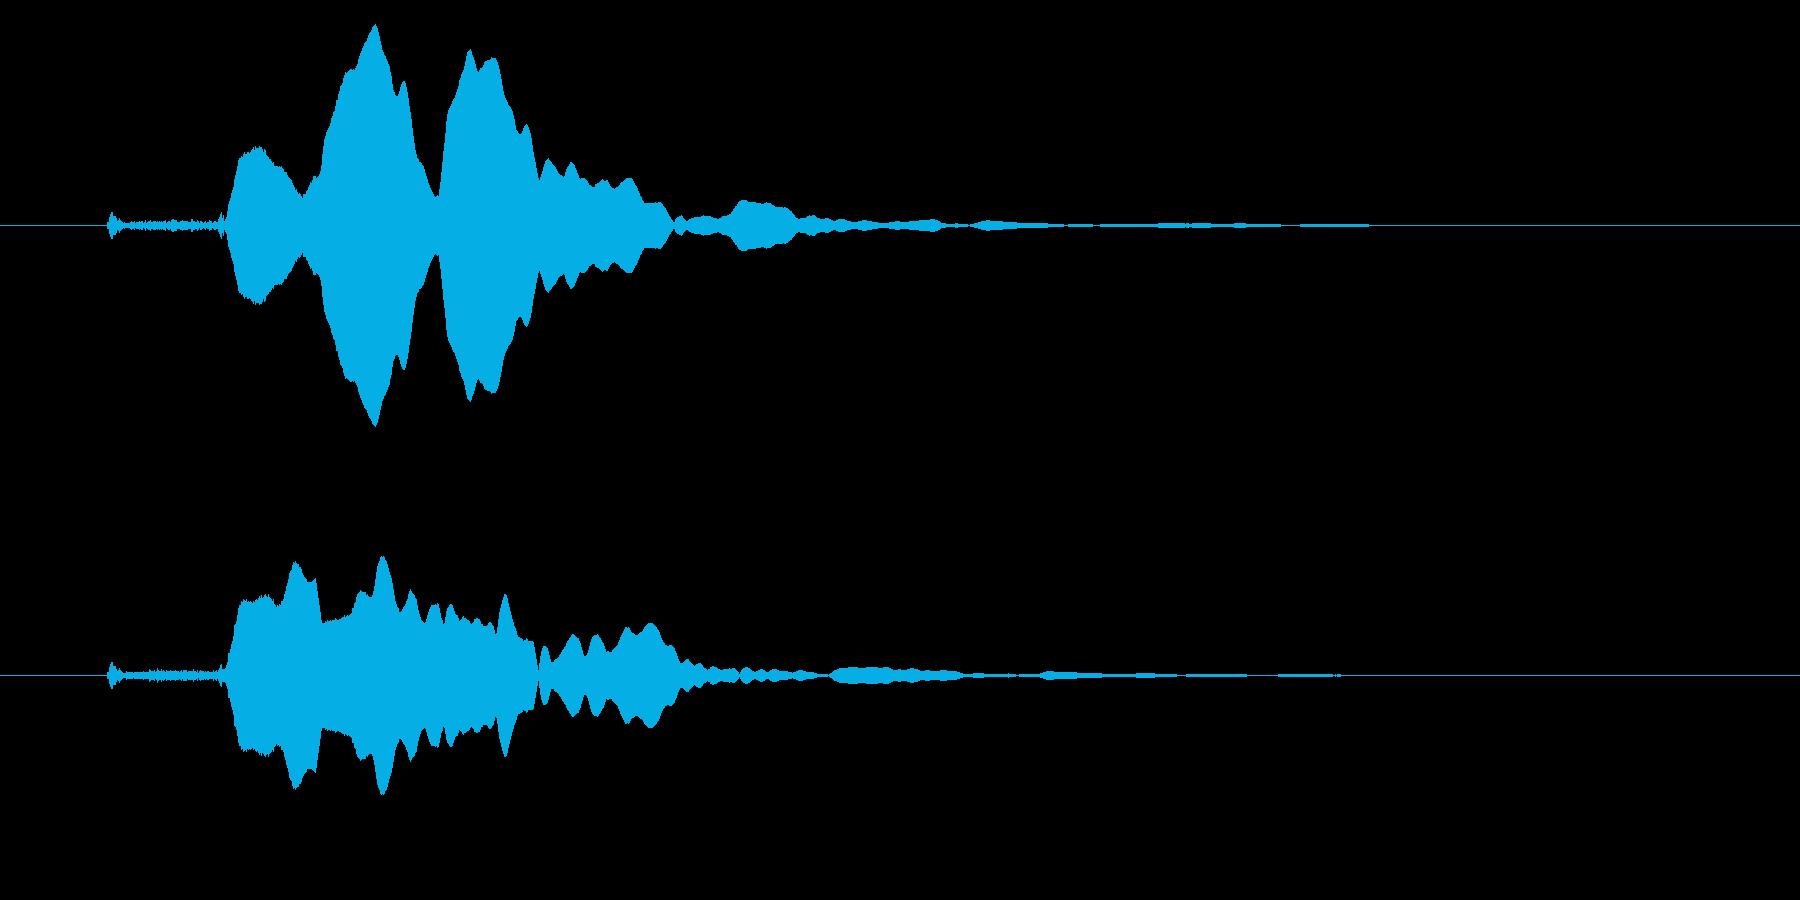 改札 ビープ音01-10(音色1 遠)の再生済みの波形